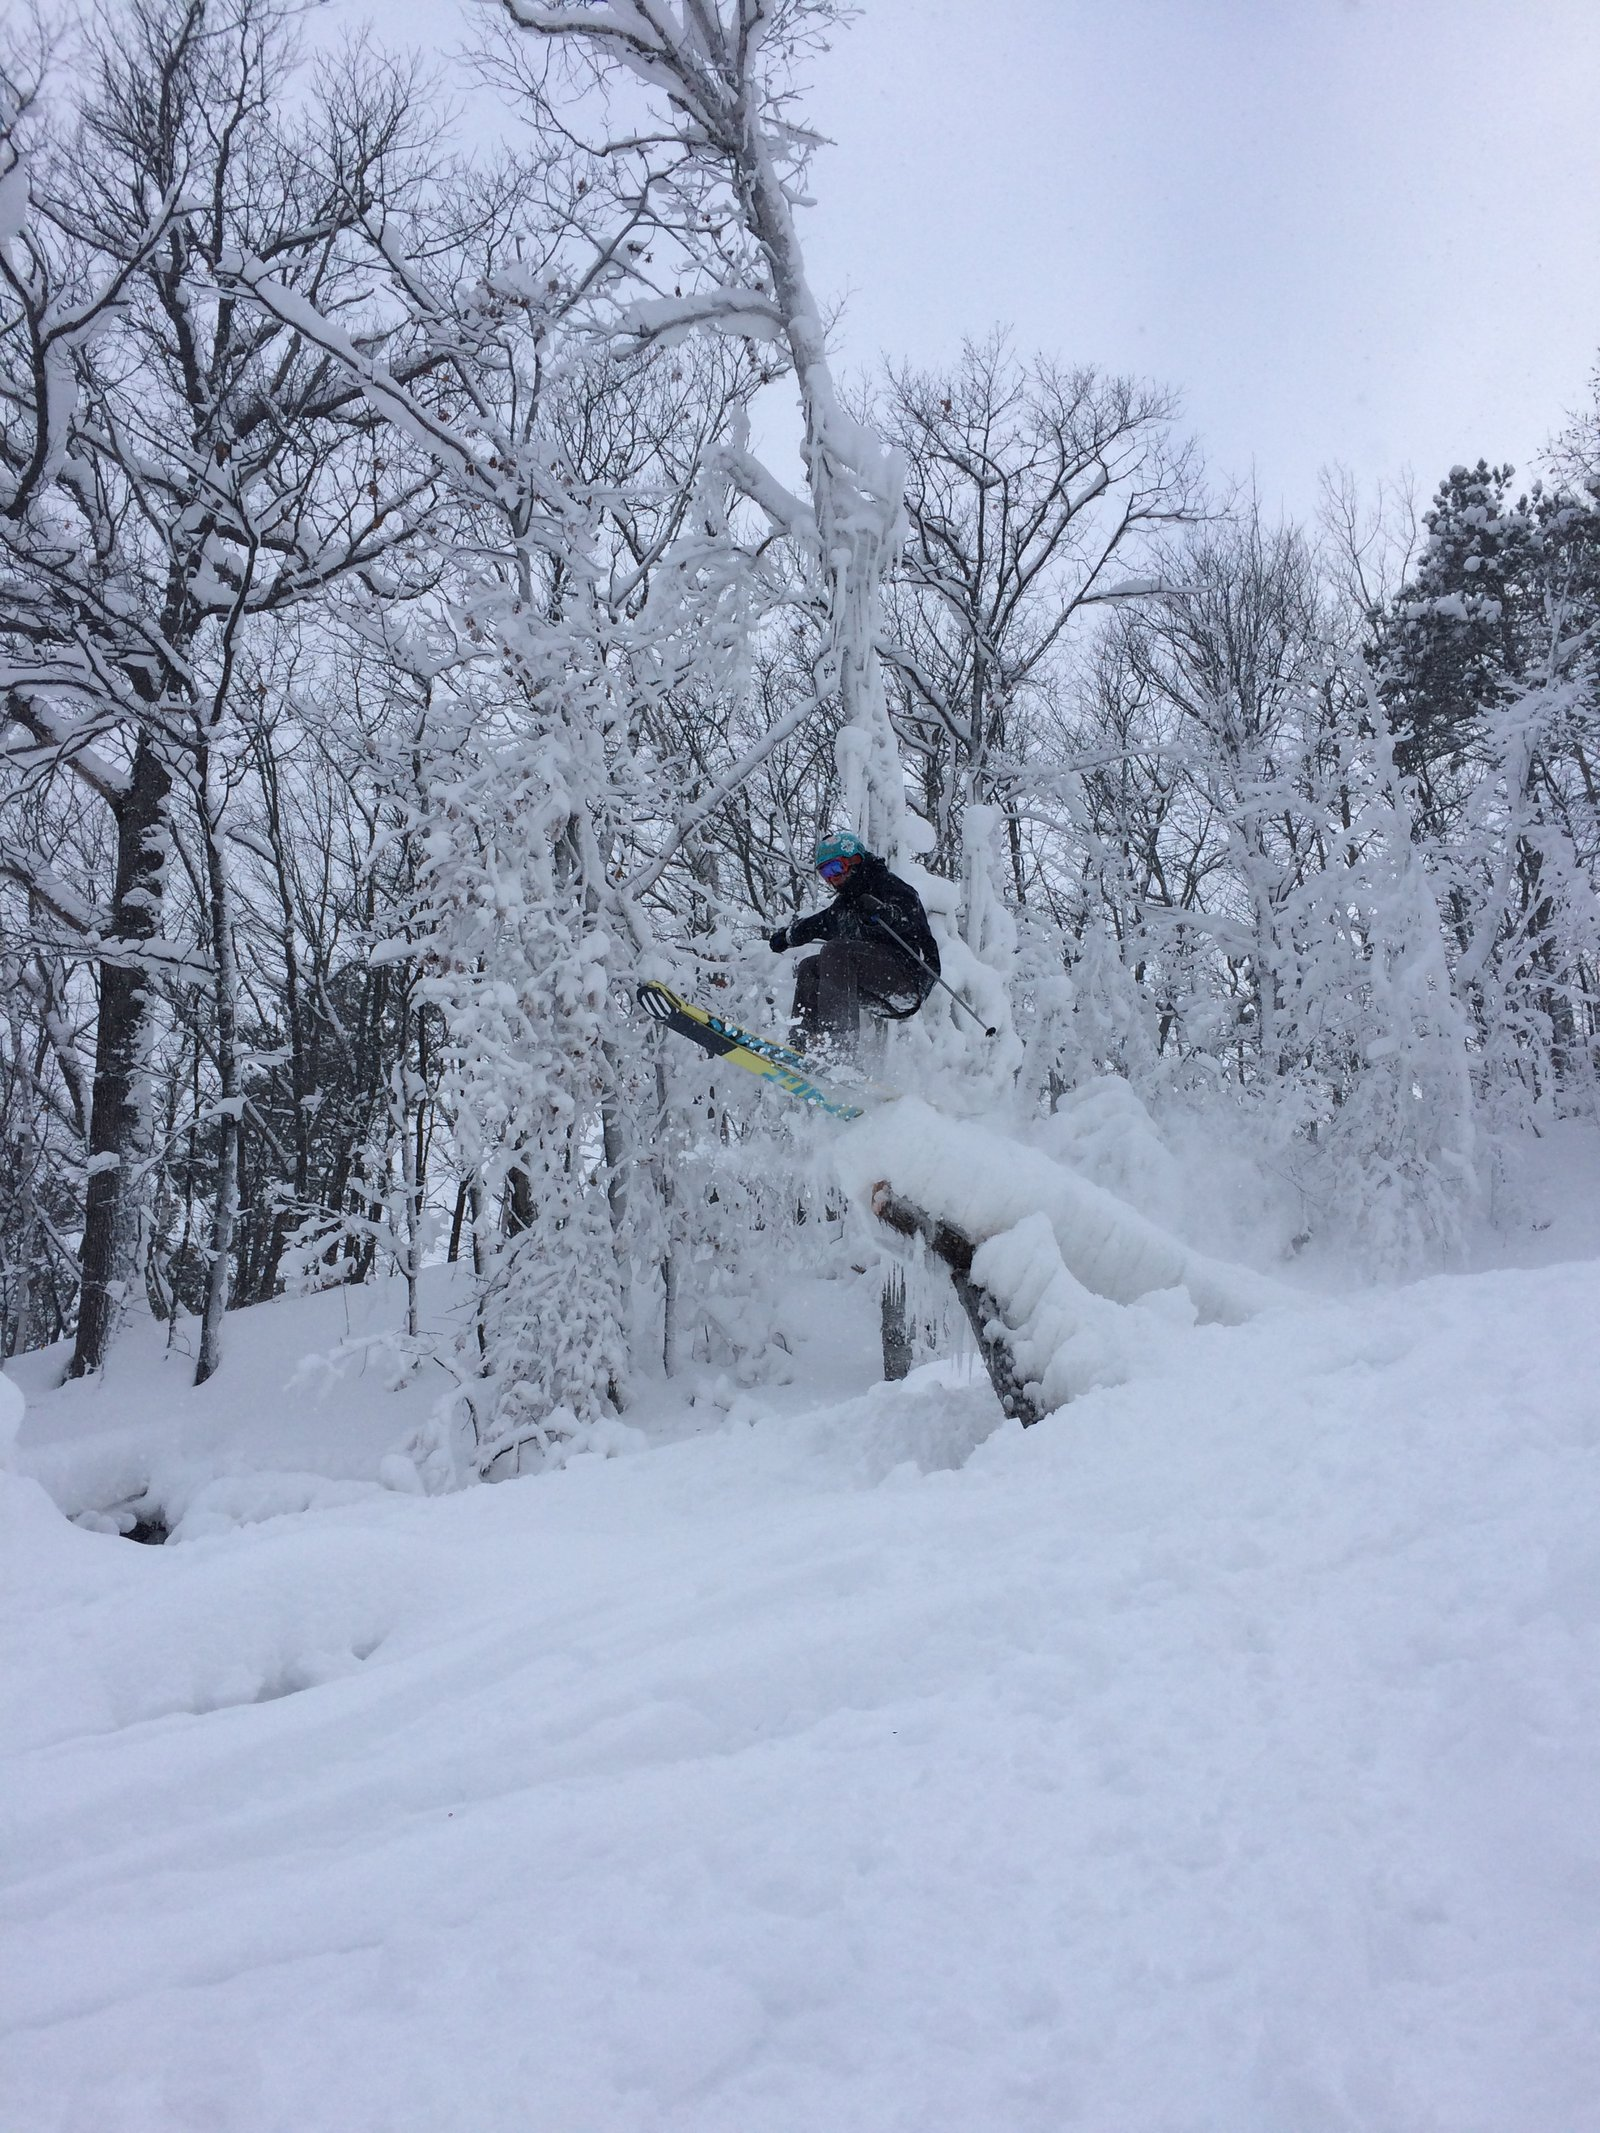 Powder Pole Jam